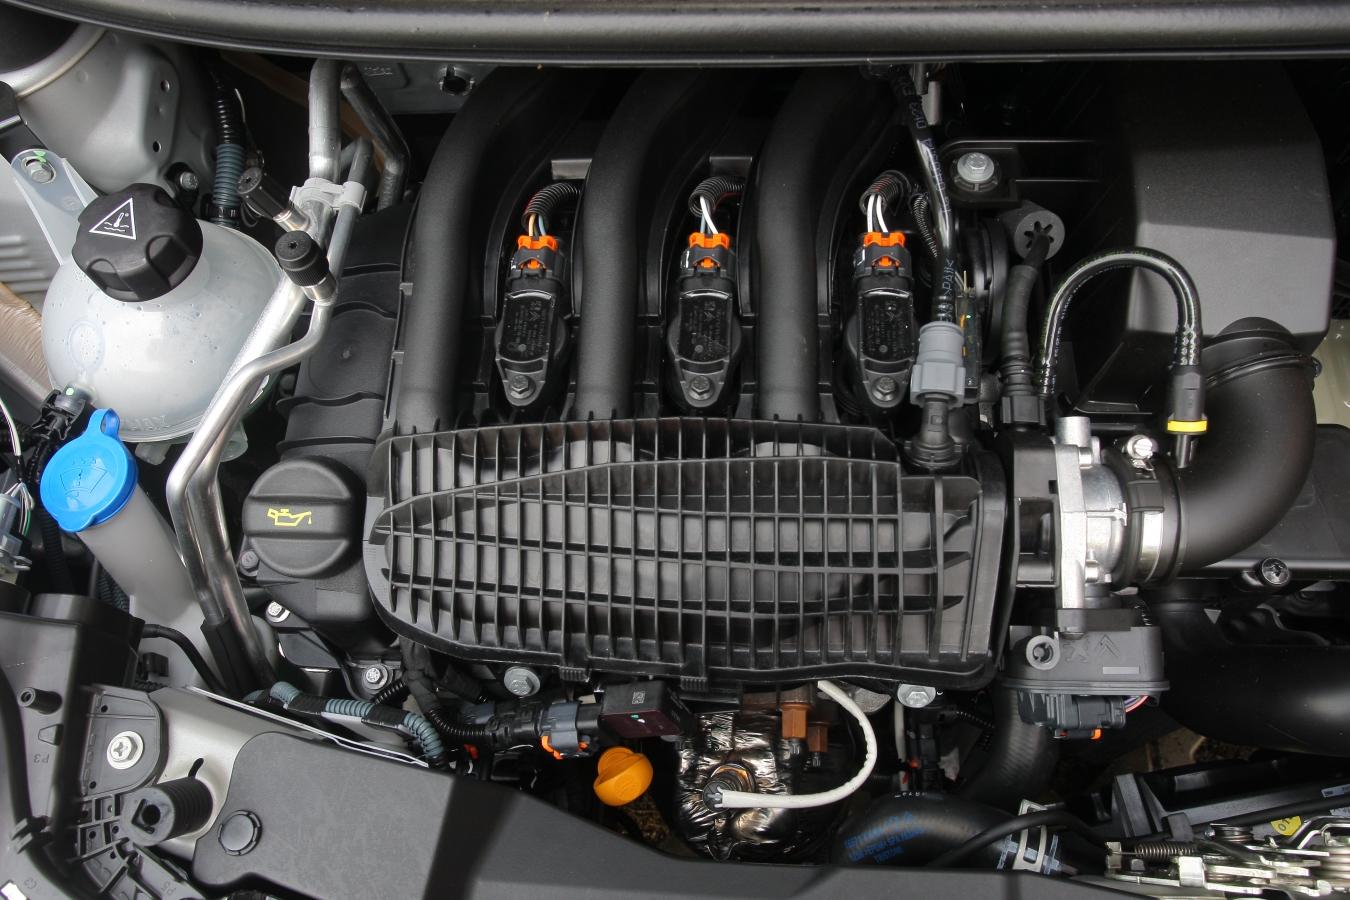 Citroën C1 1.2 VTi motor